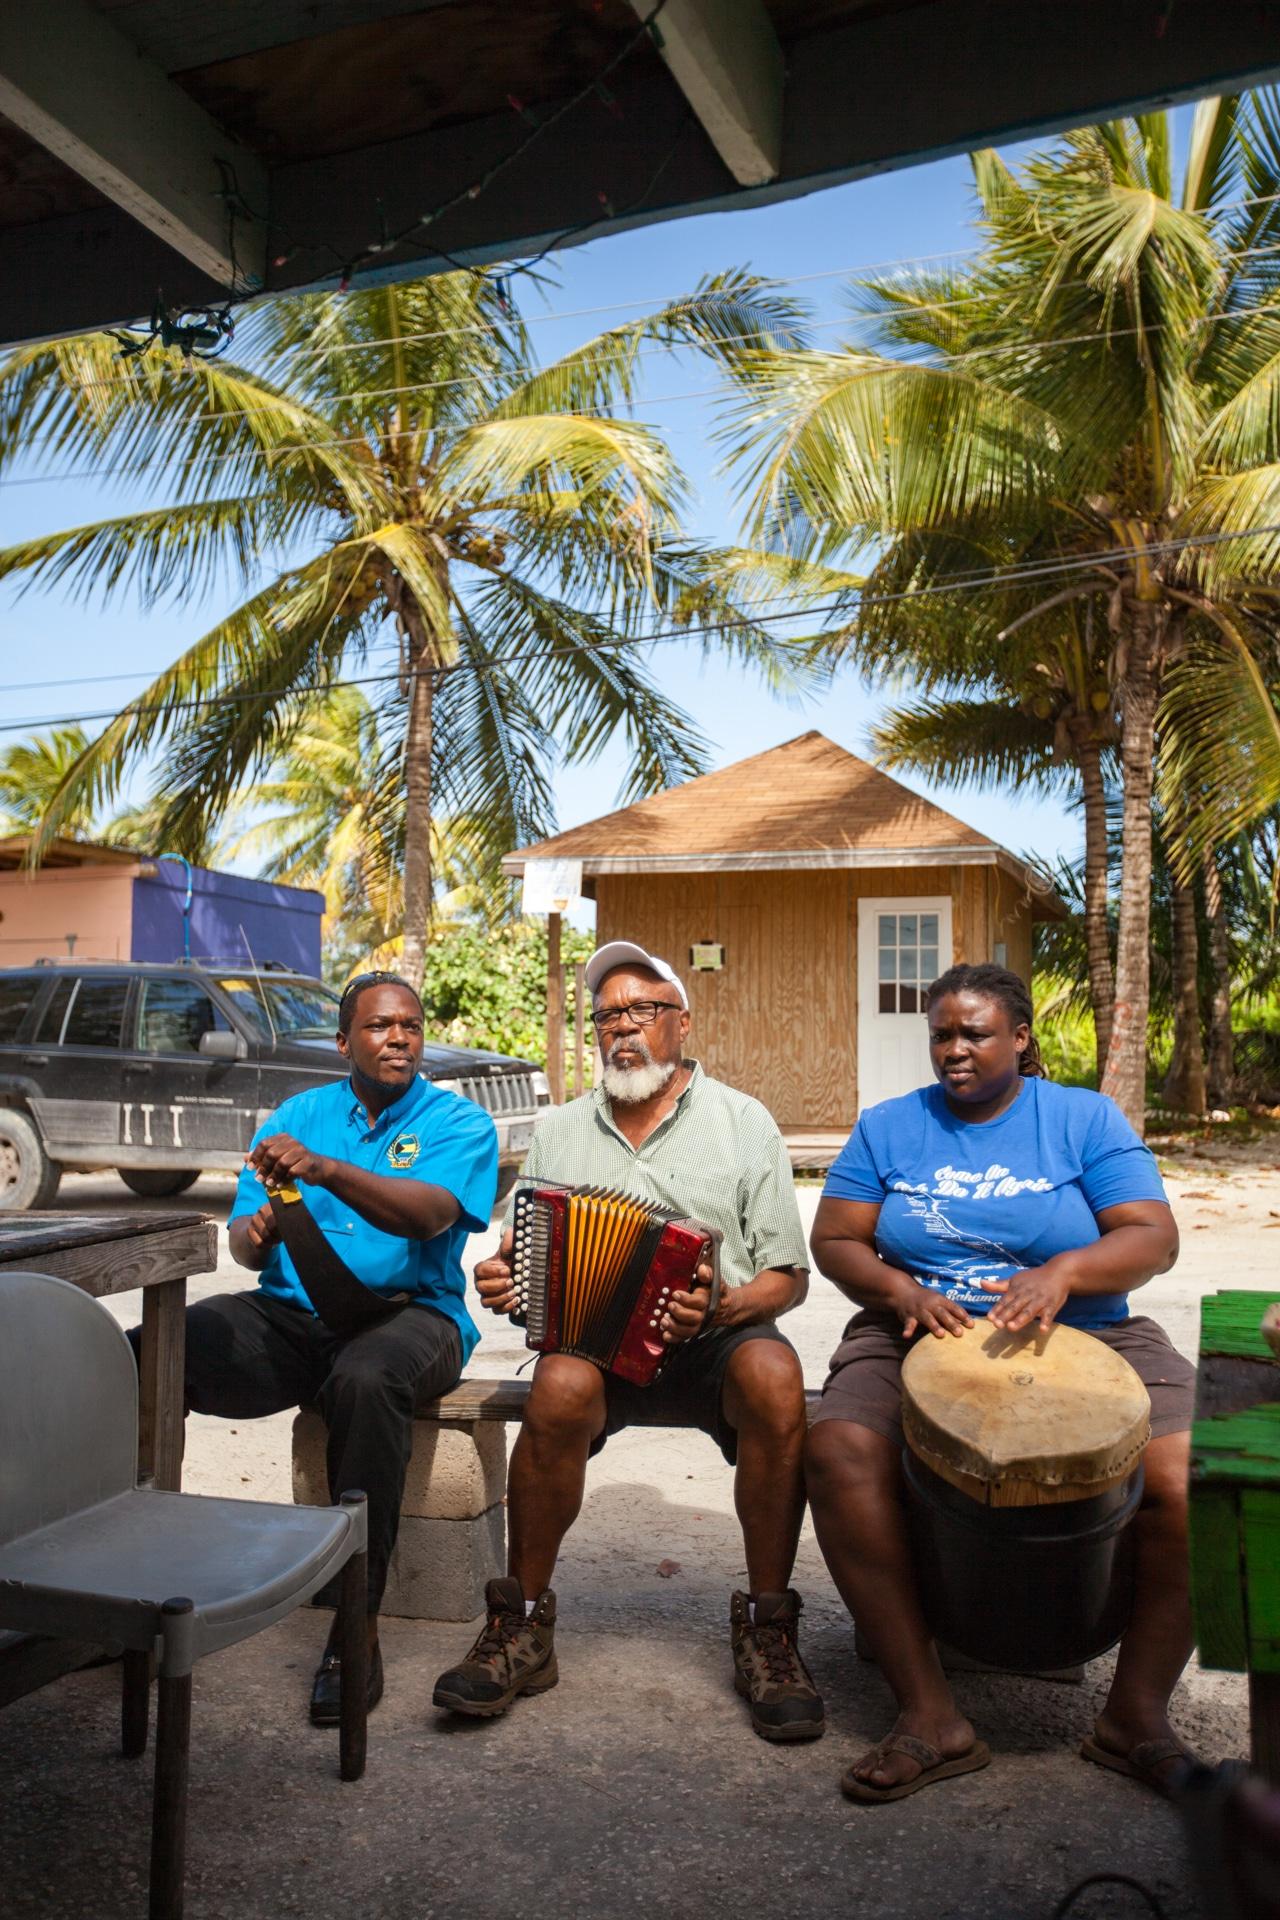 Voyage aux Bahamas Cat Island